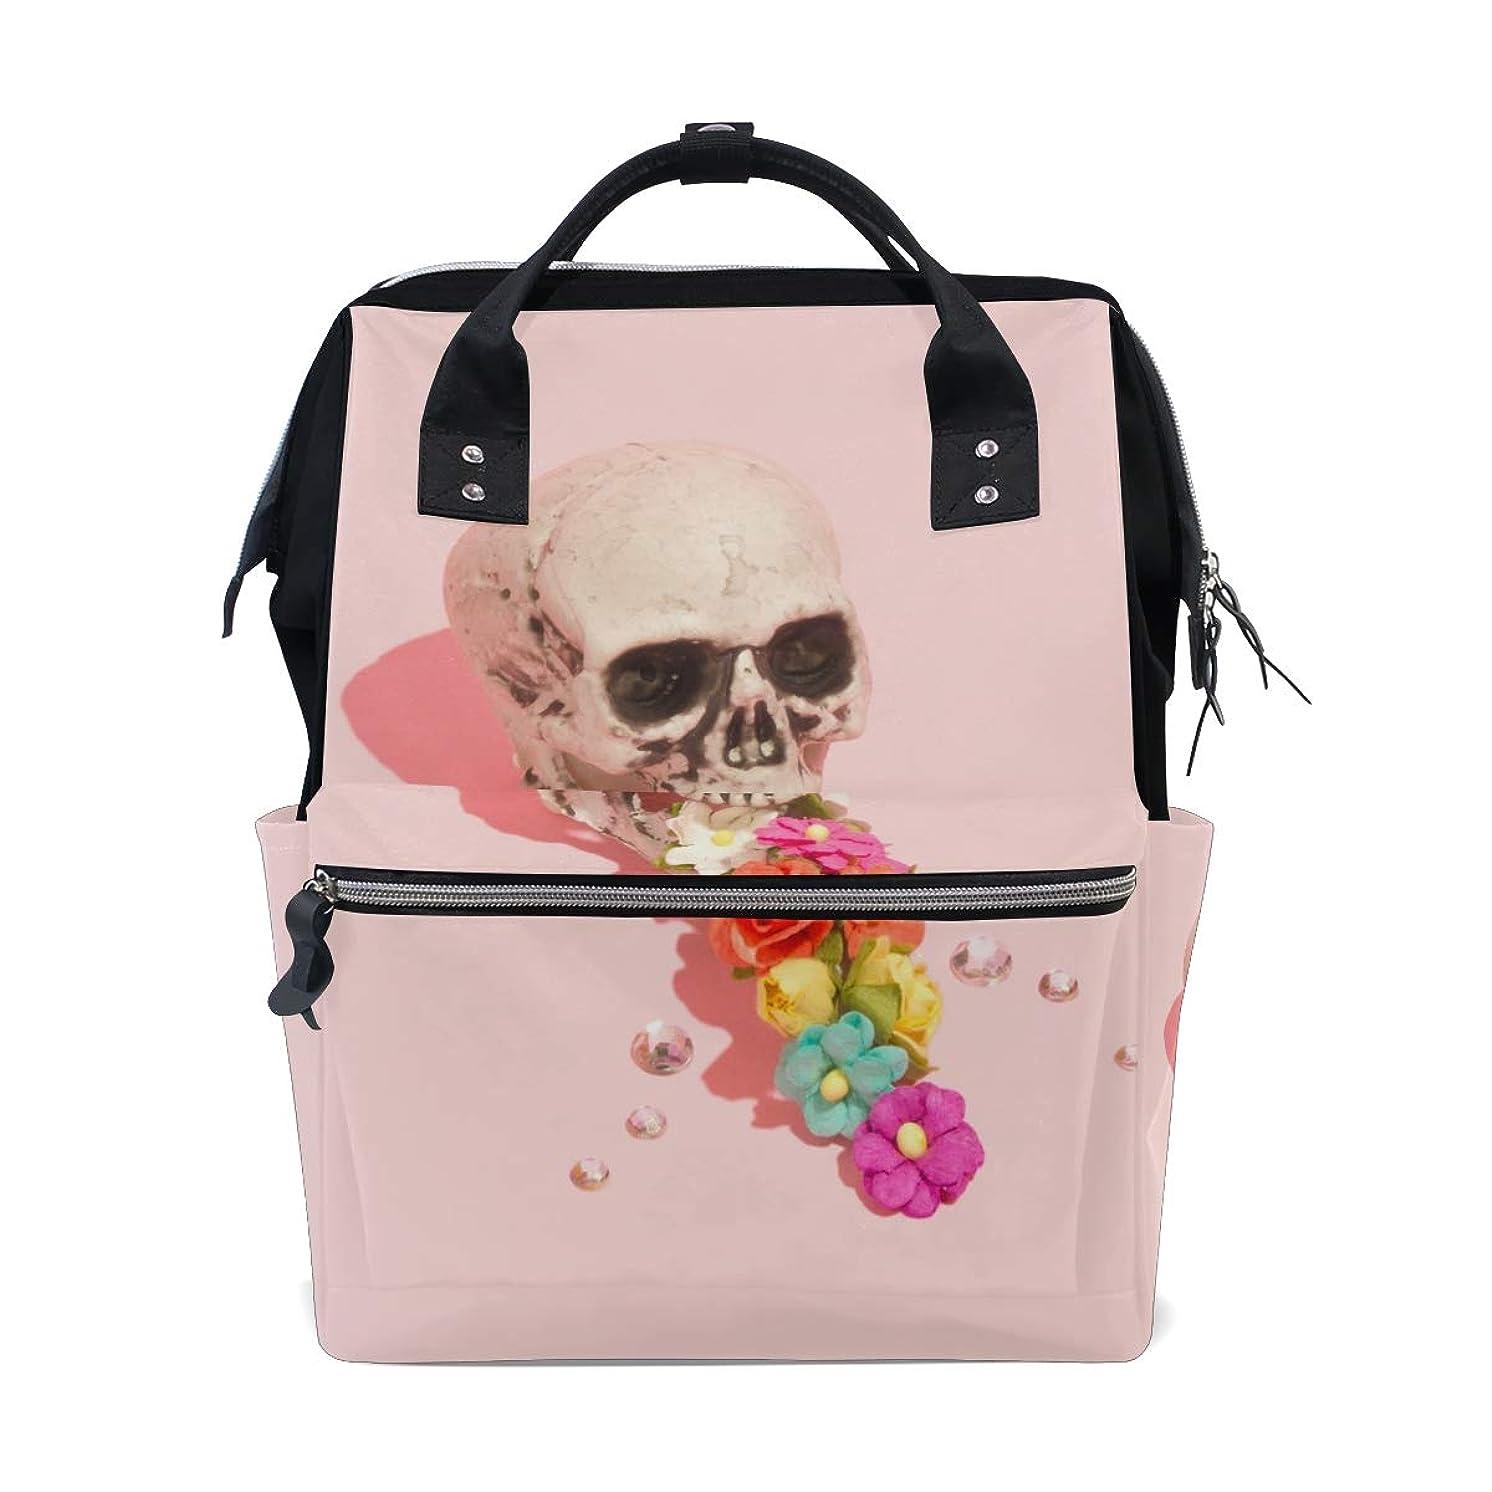 Backpack Pink Skull Flower School Rucksack Diaper Bags Travel Shoulder Large Capacity Bookbag for Women Men